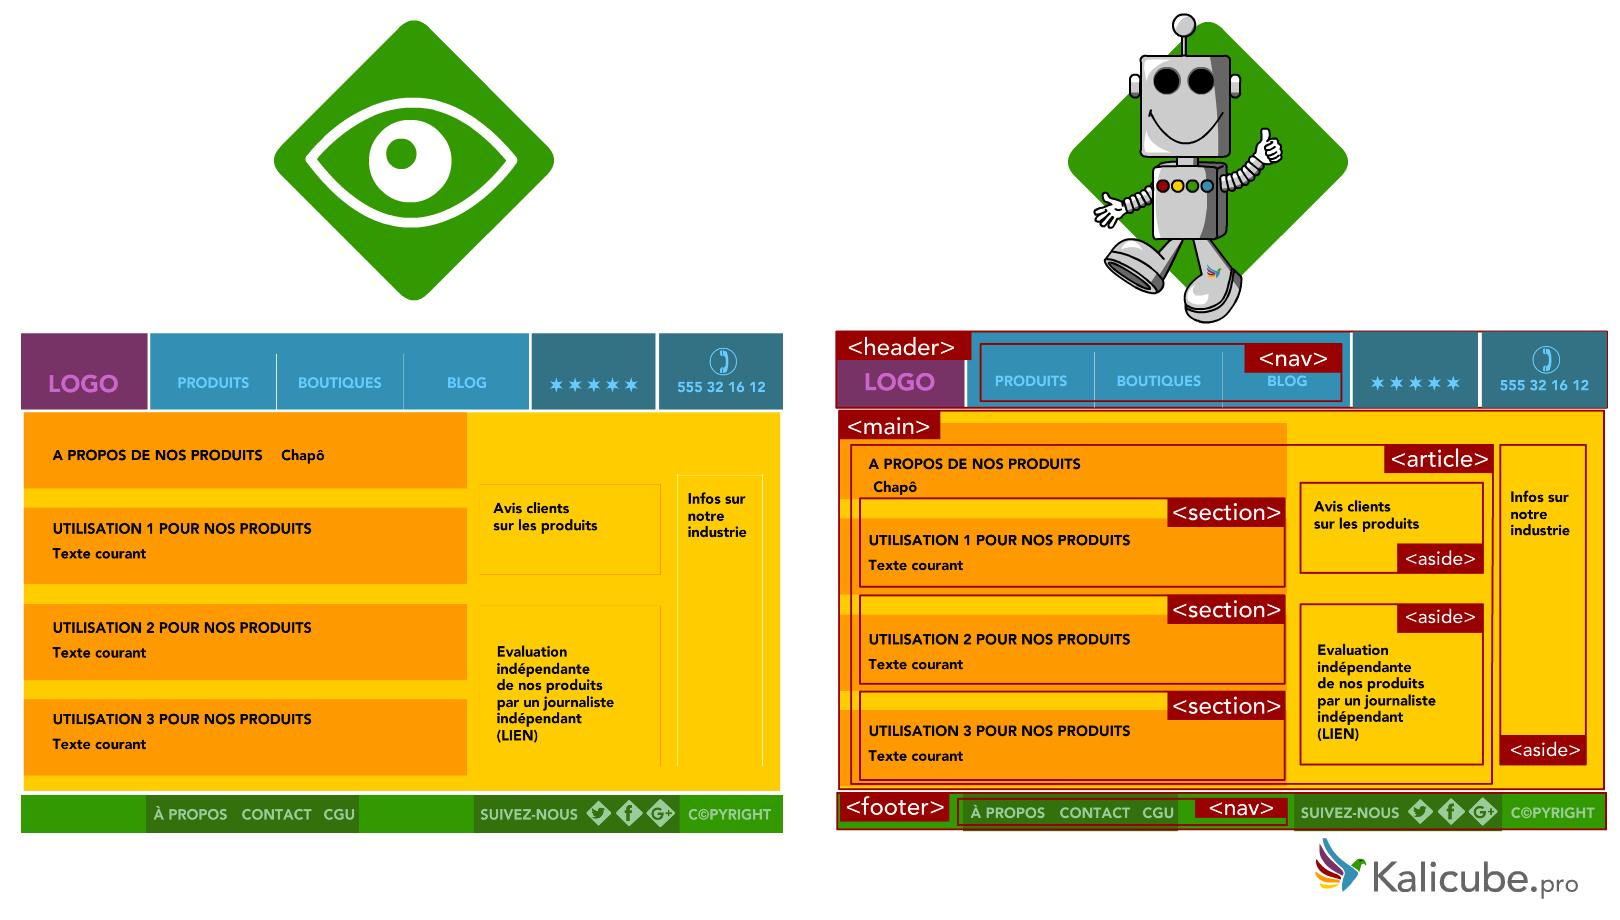 comparaison-visuelle-robot-kalicube.png